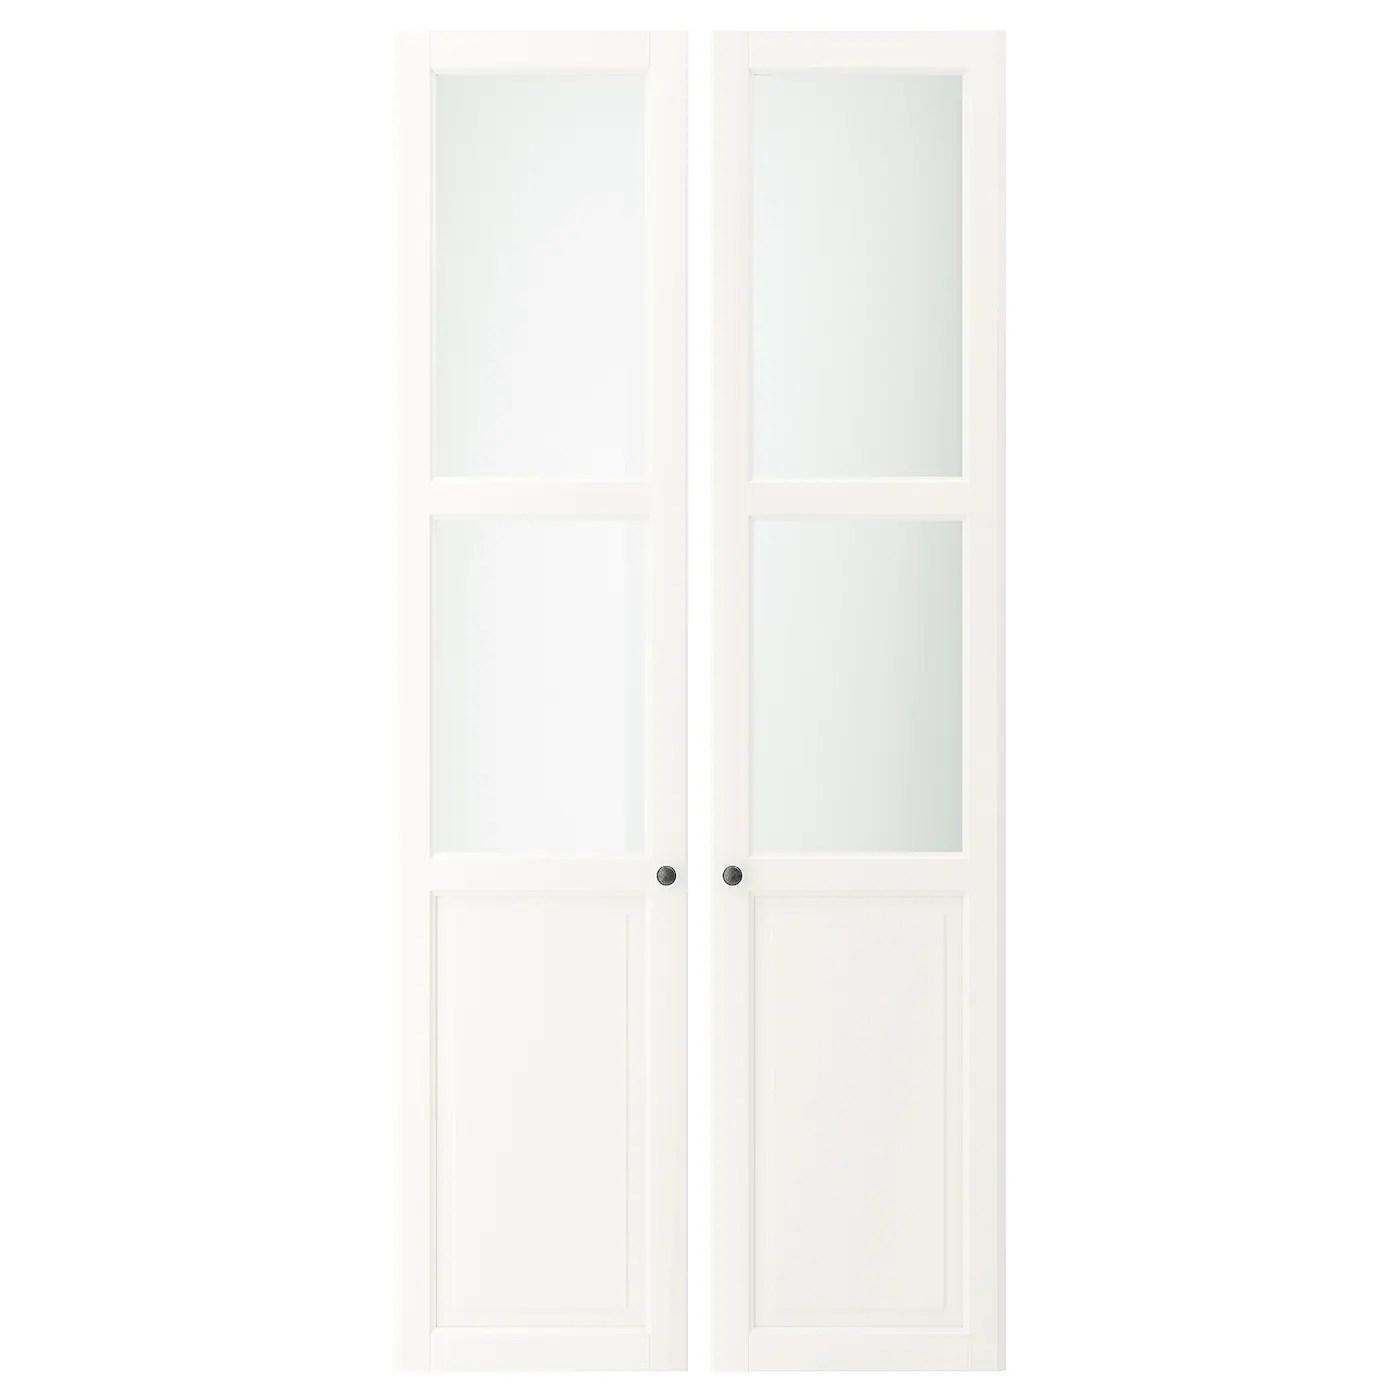 liatorp panneau porte vitree blanc 44x198 cm